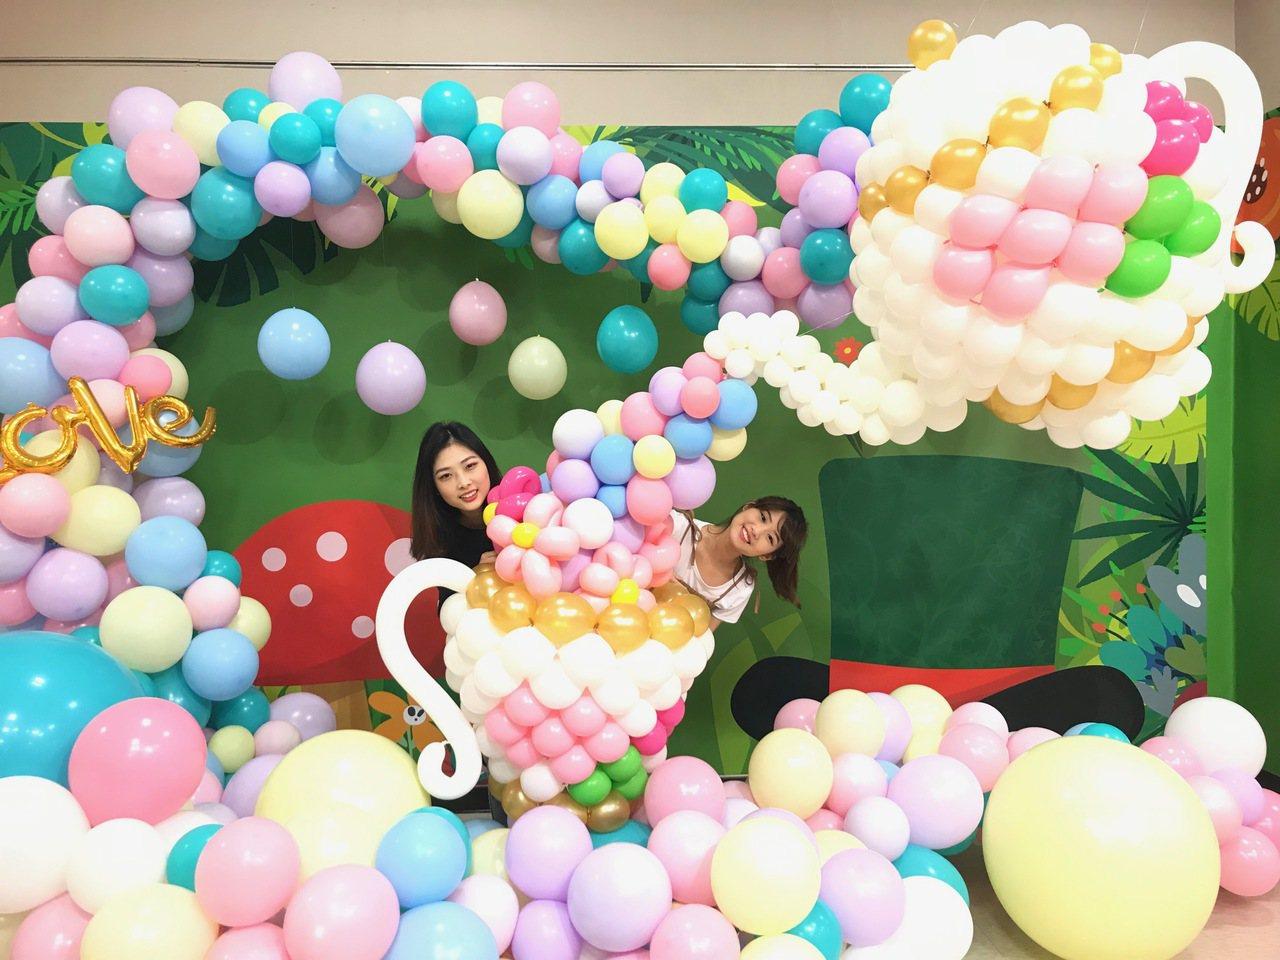 新光三越台北站前店奇幻童話氣球展的「瘋狂下午茶區」。圖/新光三越提供